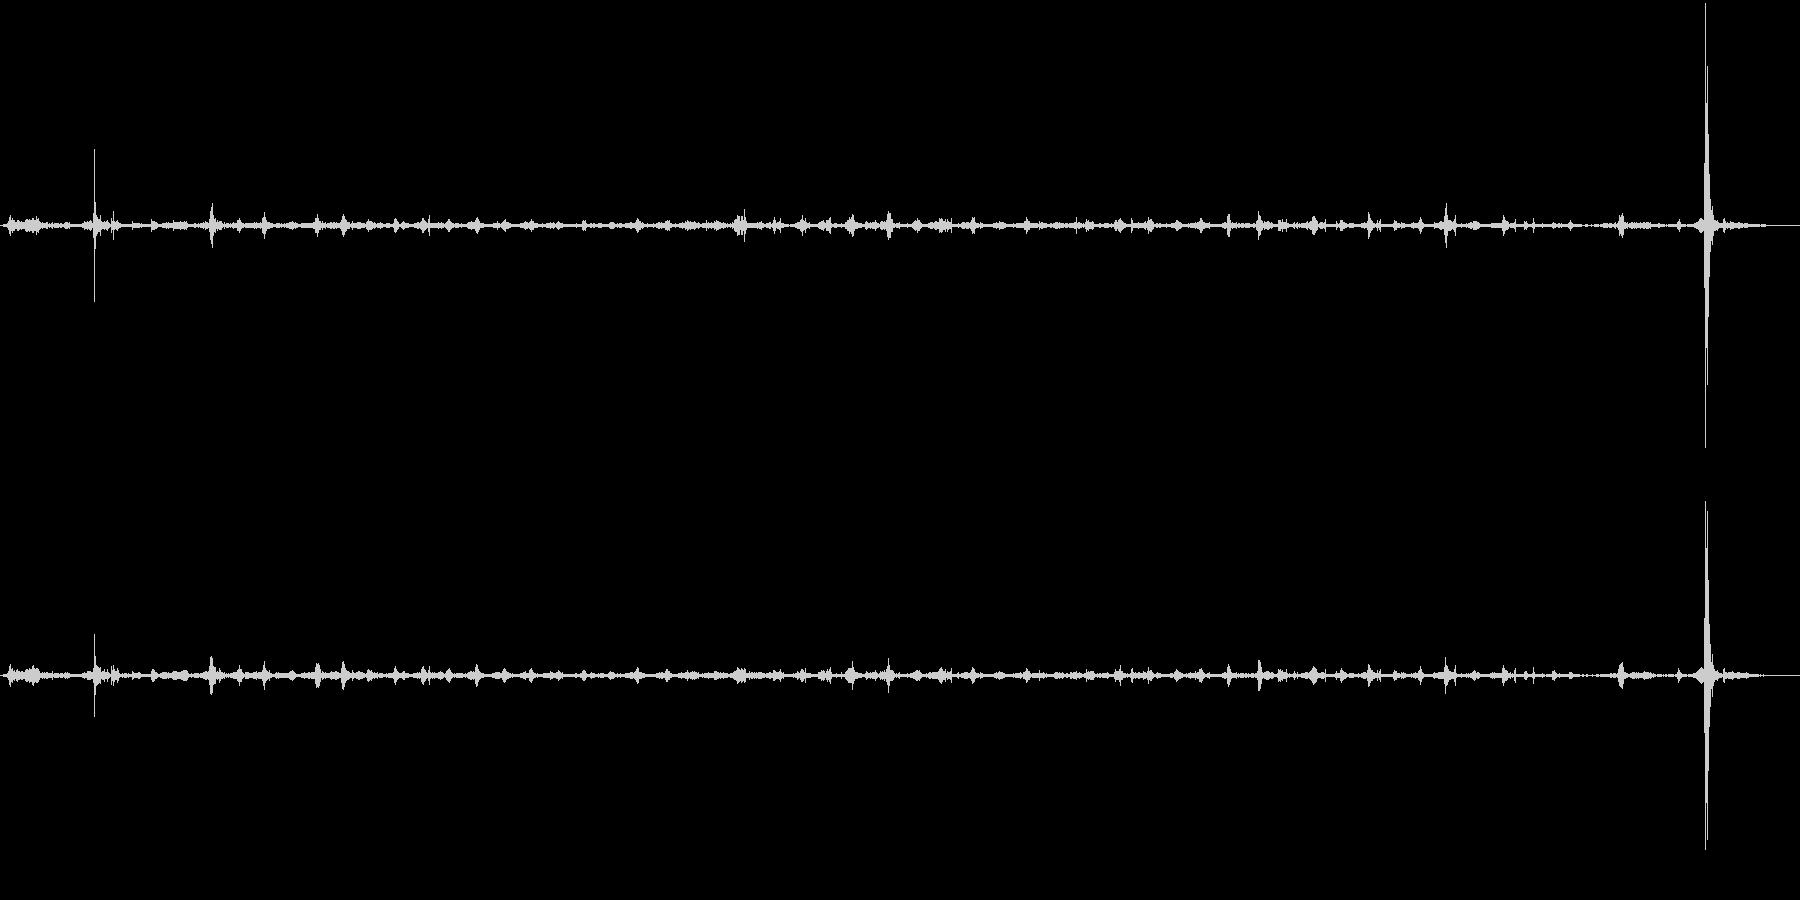 ホッケー用品バッグ:ピックアップバ...の未再生の波形